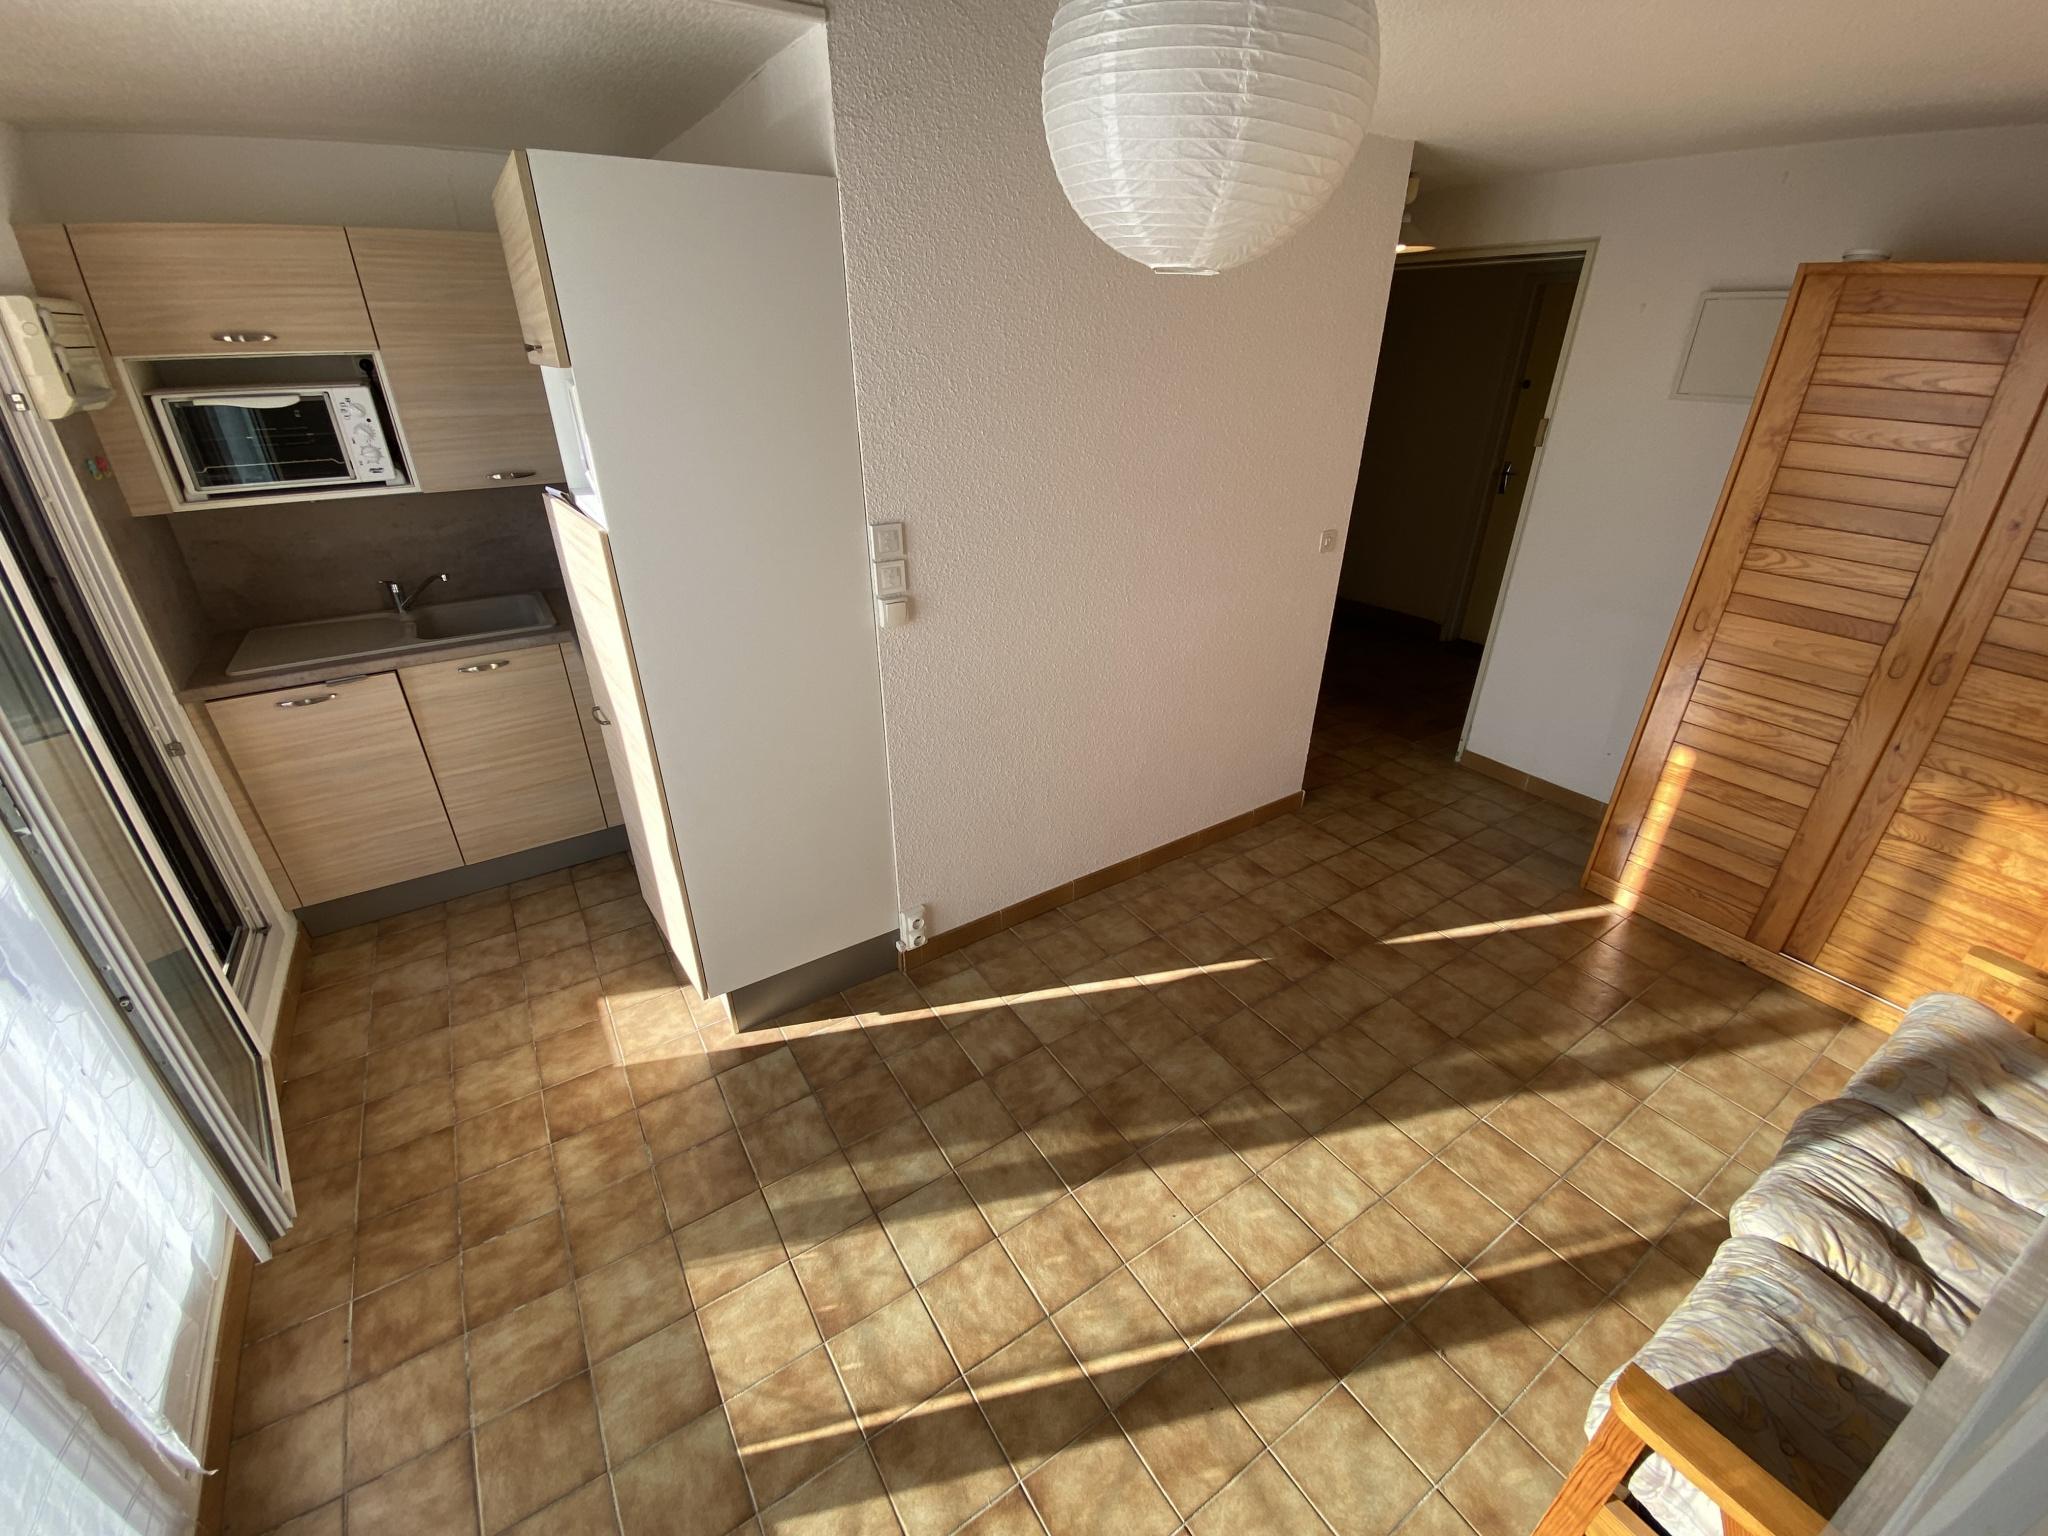 À vendre appartement de 30m2 à argeles sur mer (66700) - Photo 4'